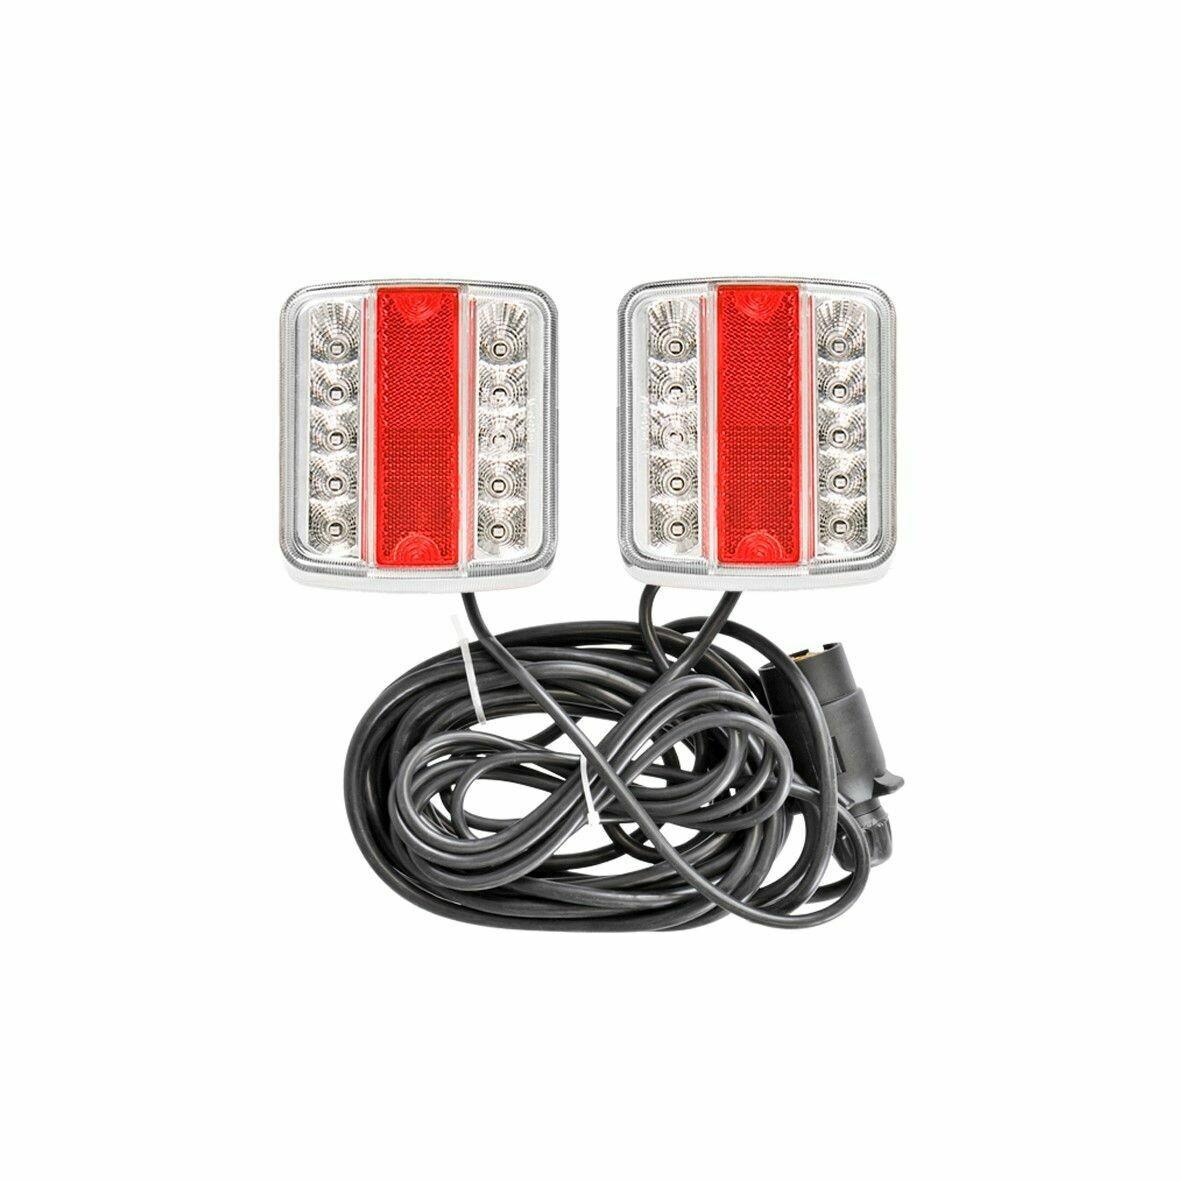 Feux remorque LED magnétique, 12 V câble 7.5m